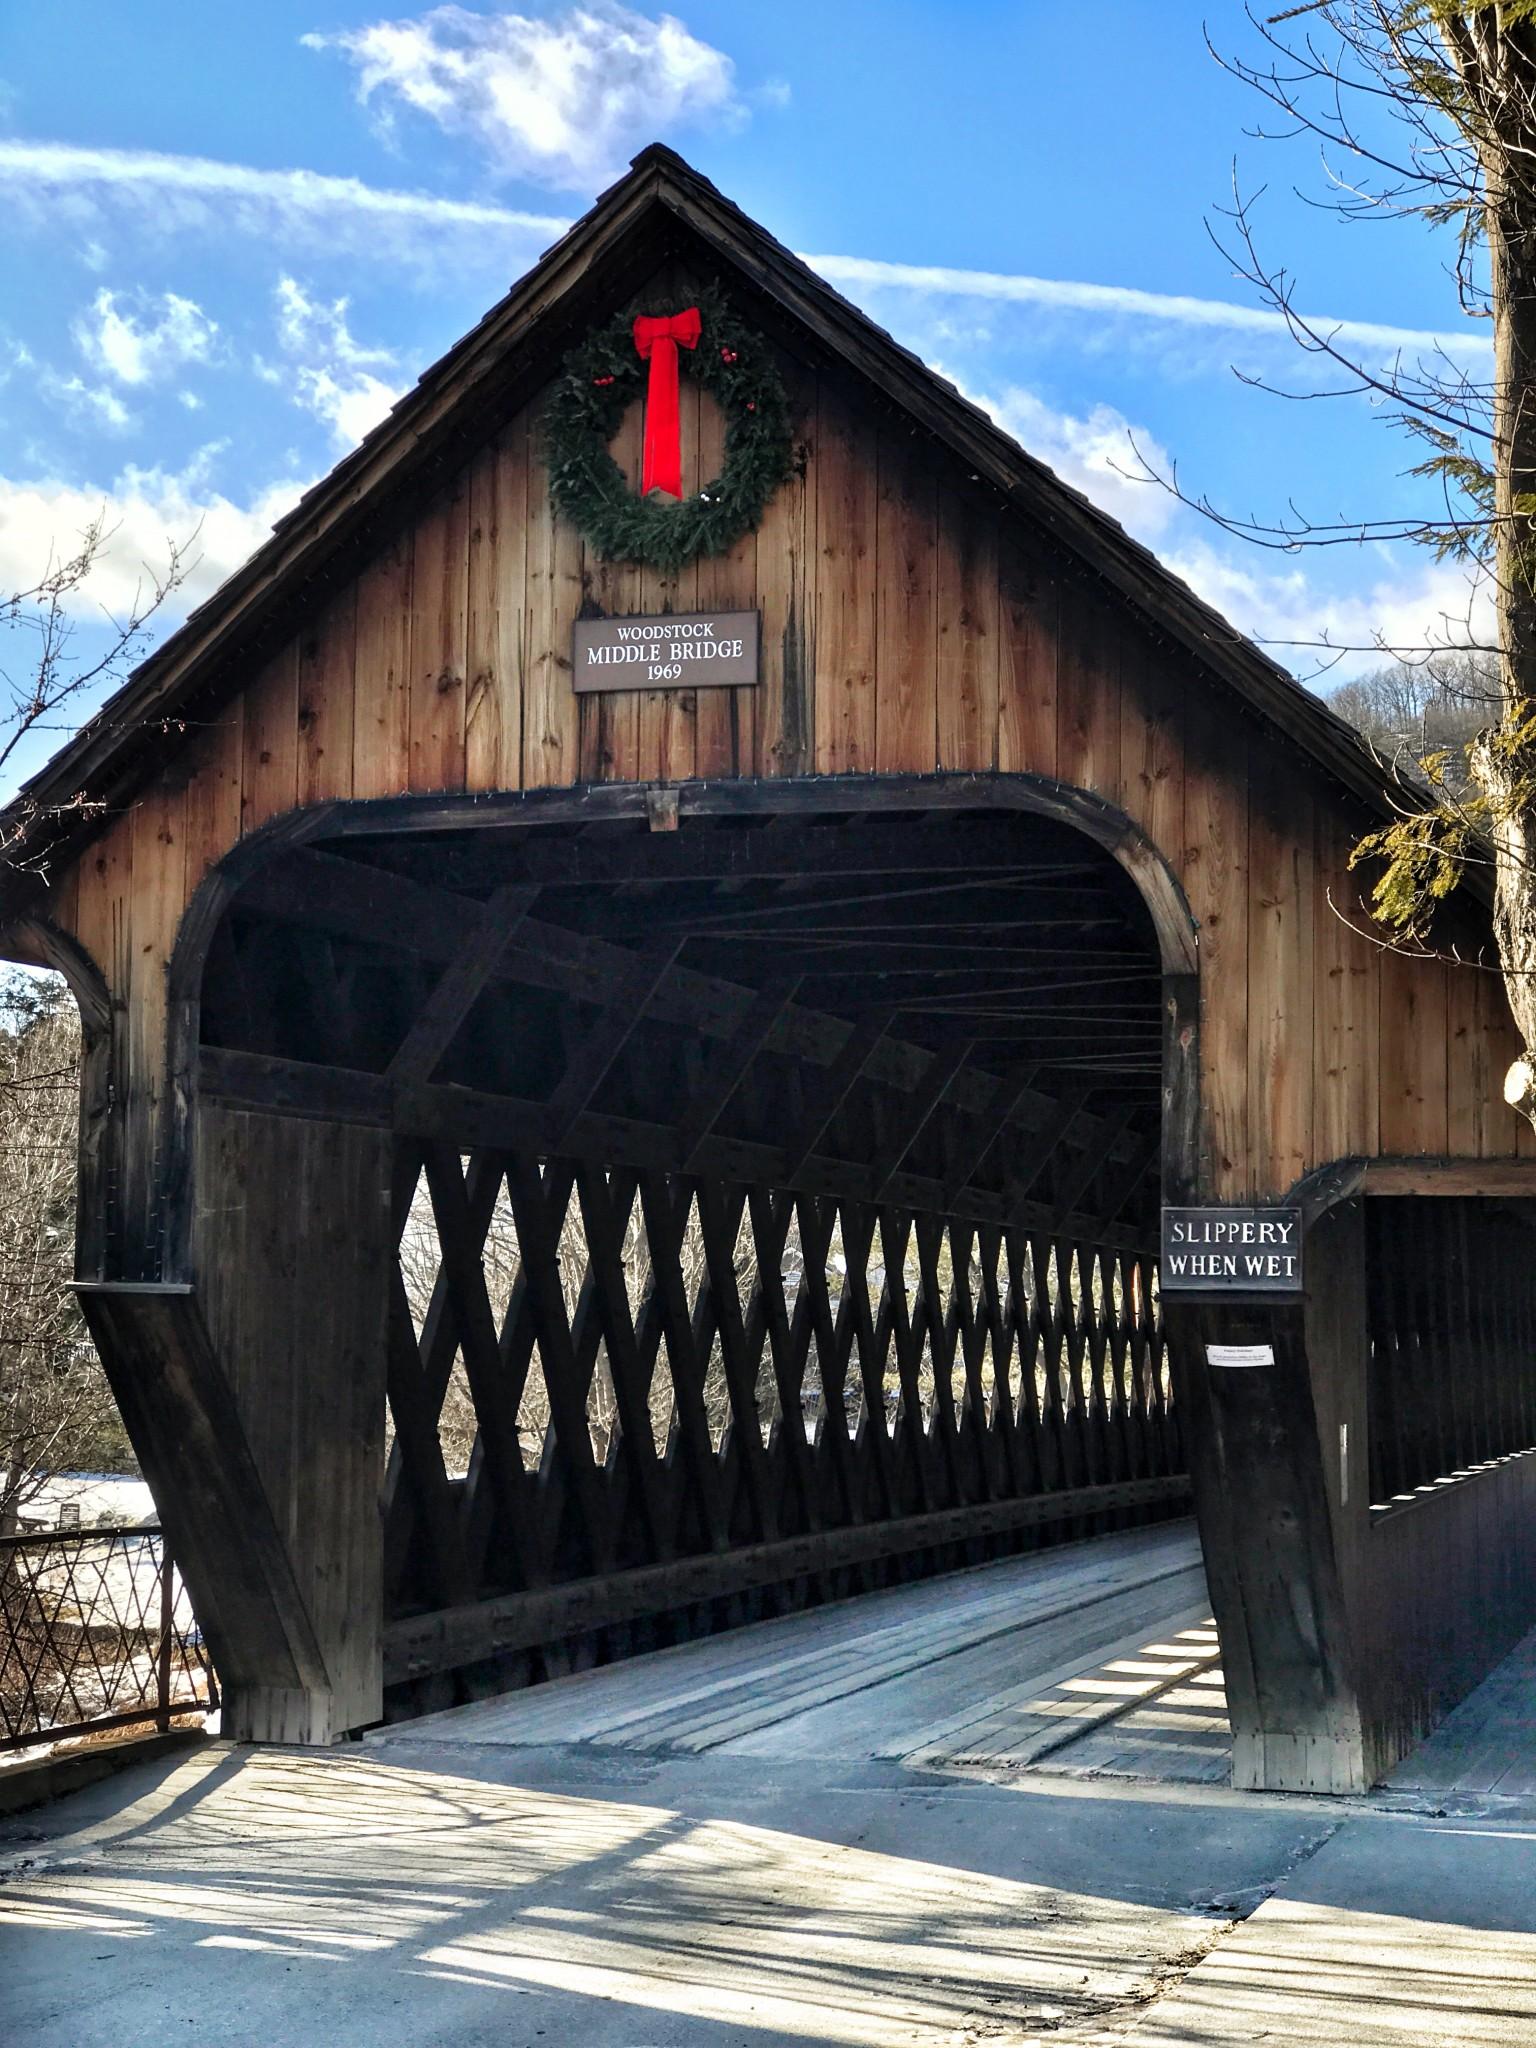 middle bridge, woodstock, vermont, the-alyst.com